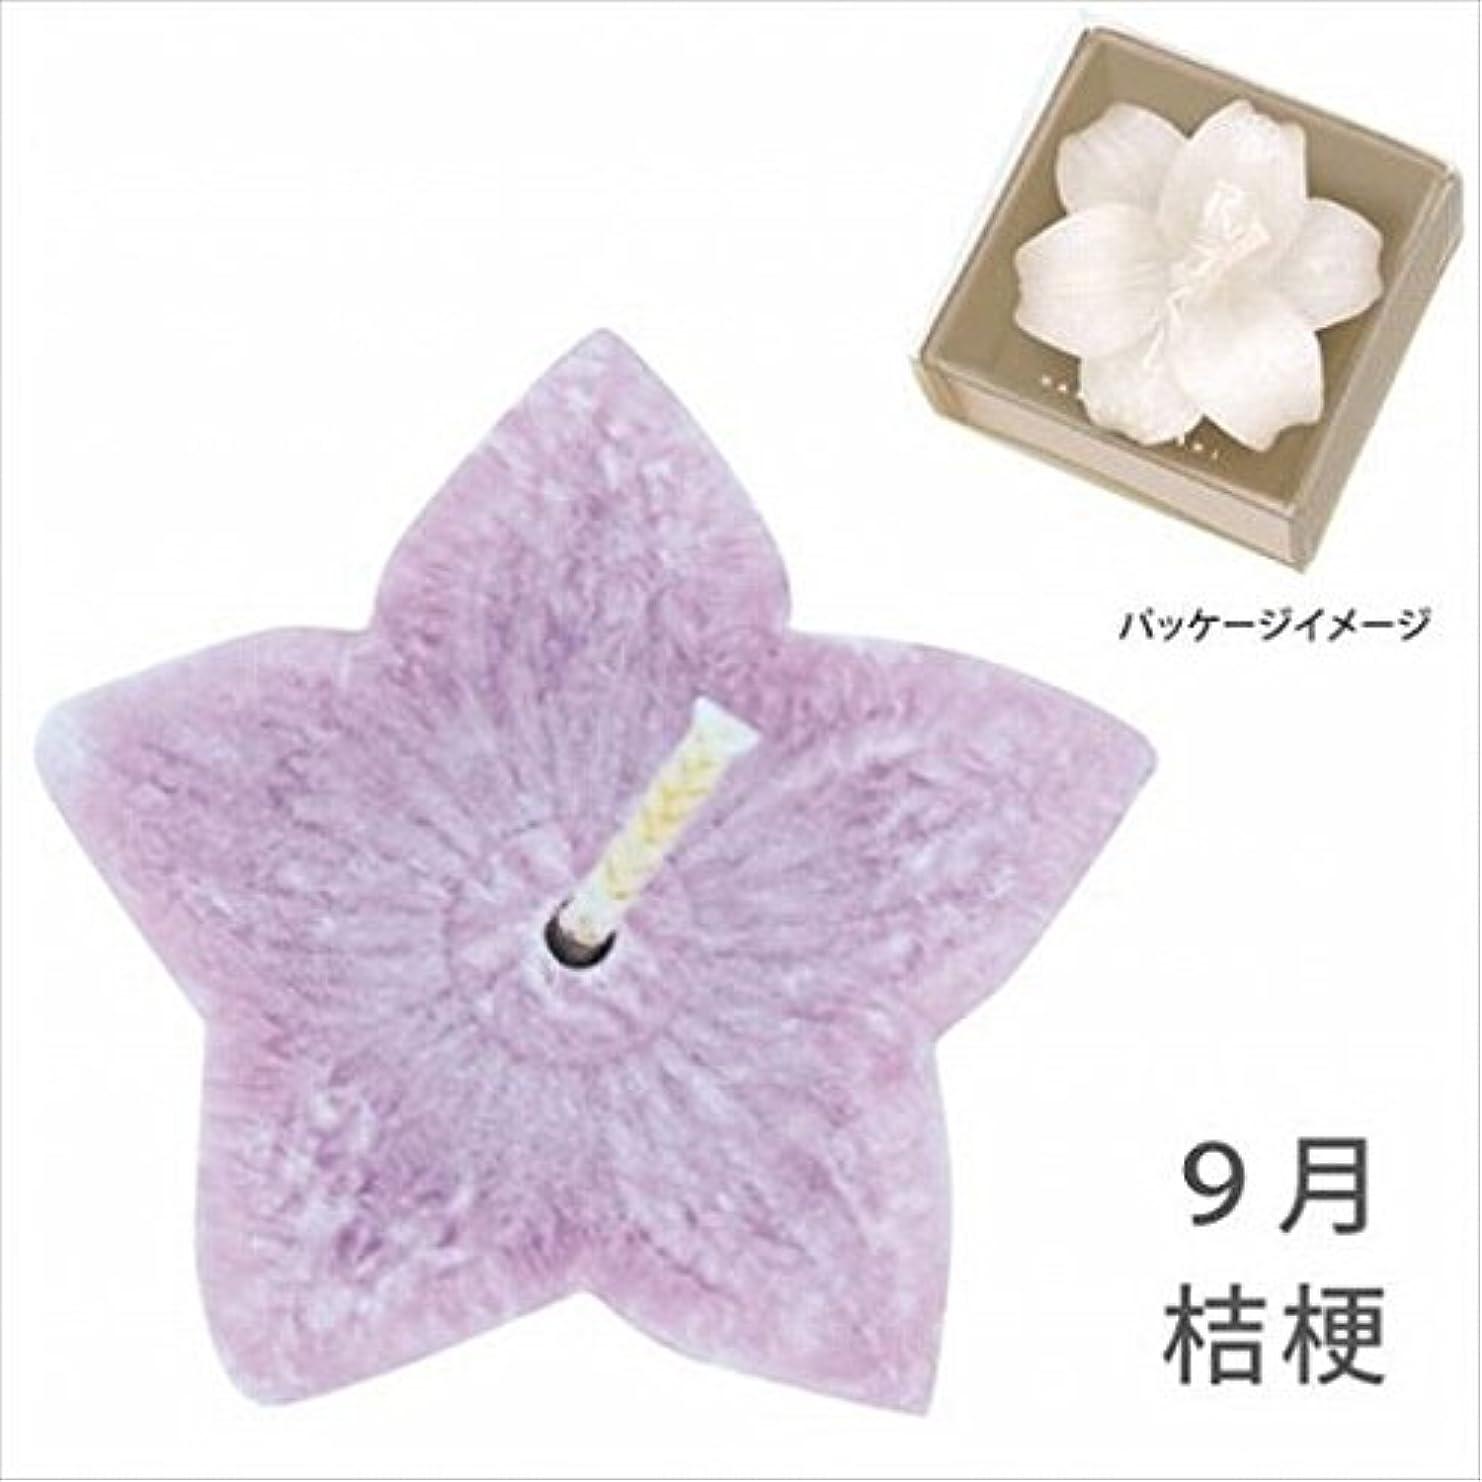 産地アクセスロードブロッキングkameyama candle(カメヤマキャンドル) 花づくし(植物性) 桔梗 「 桔梗(9月) 」 キャンドル(A4620510)